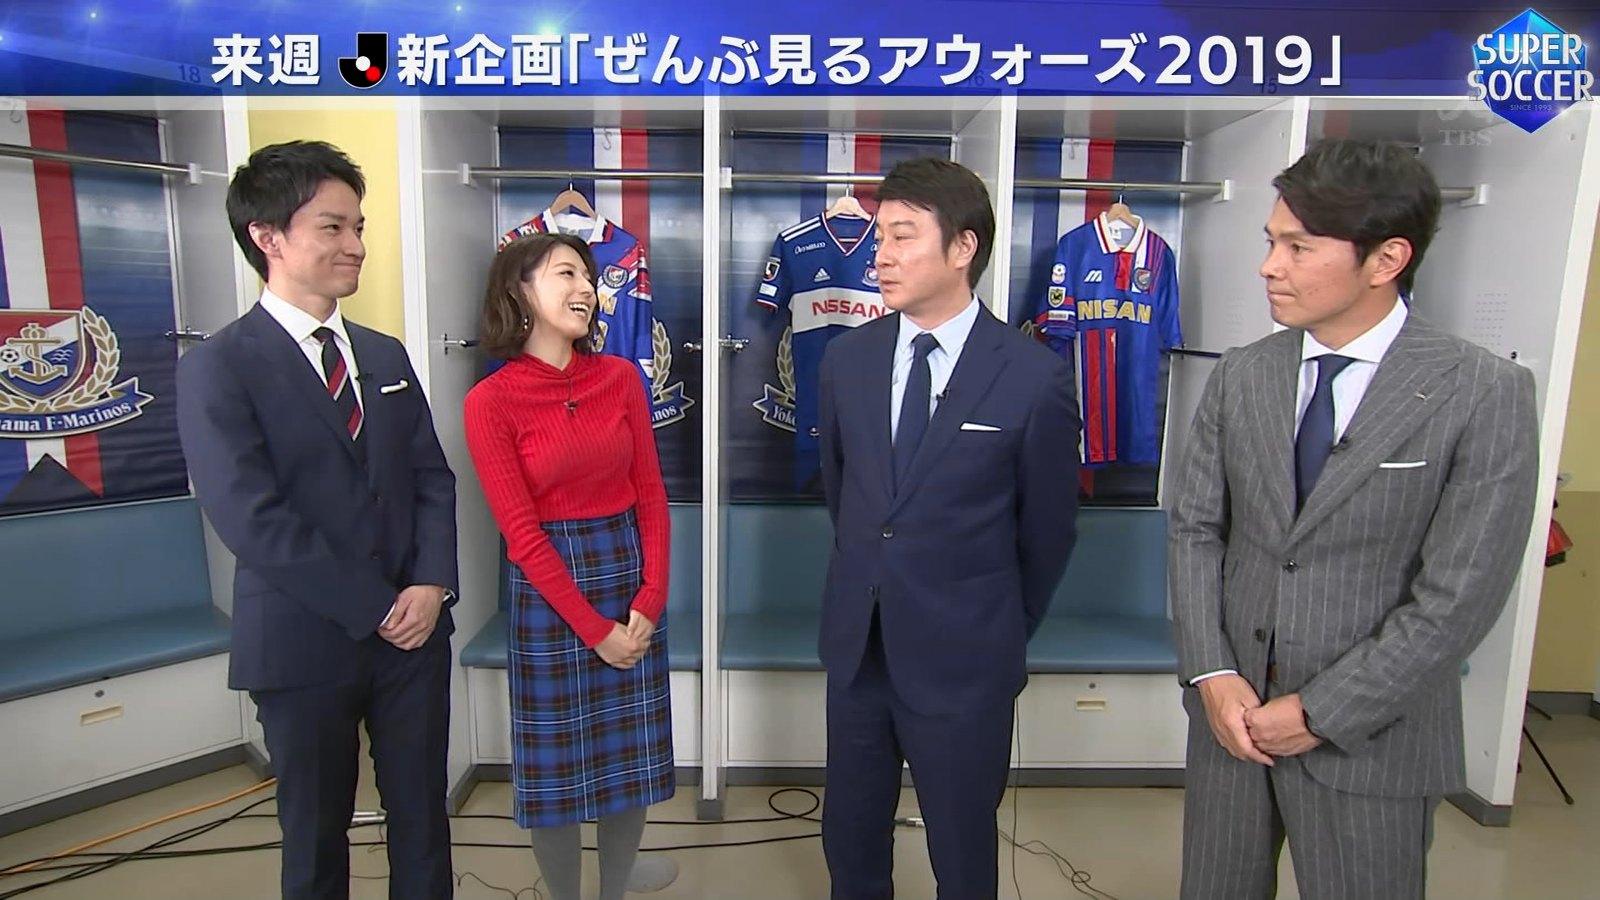 2019年12月8日にTBSで放送された「スーパーサッカー」に出演した上村彩子さんのテレビキャプチャー画像-020